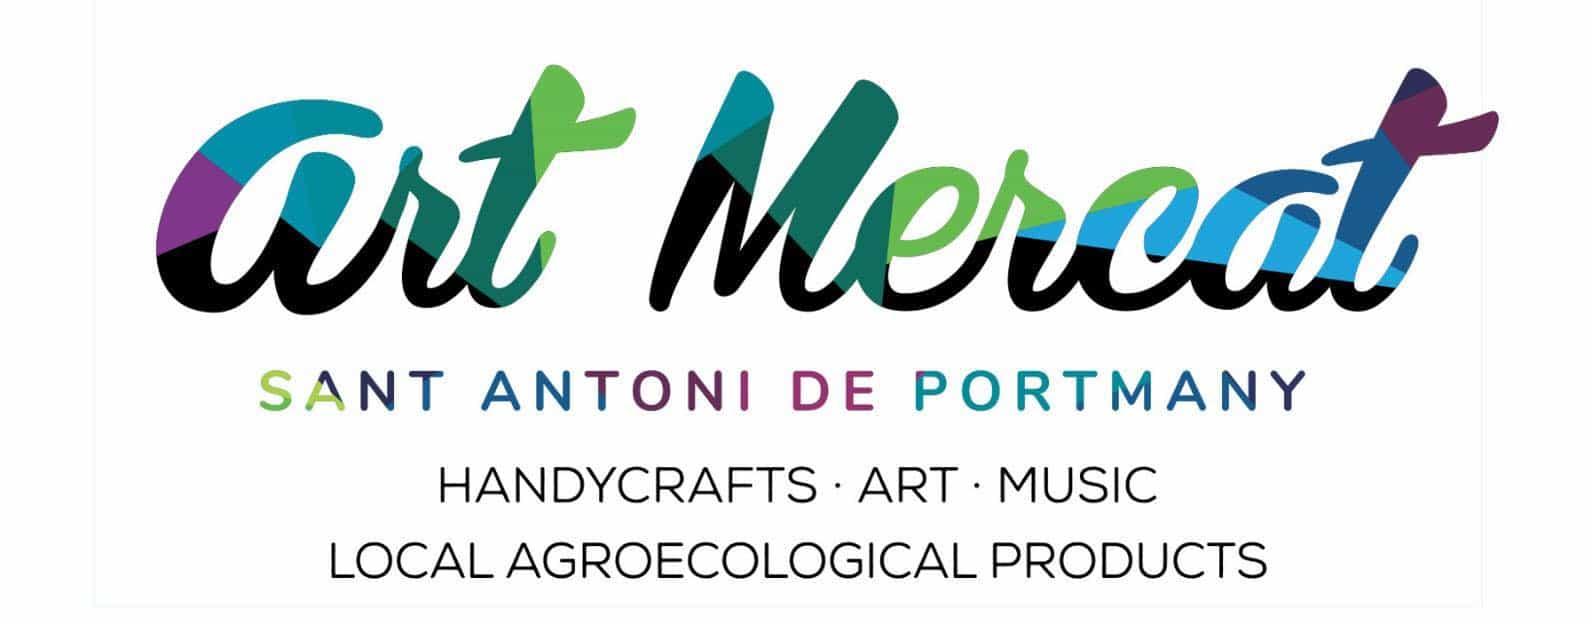 Kunst & Mercat